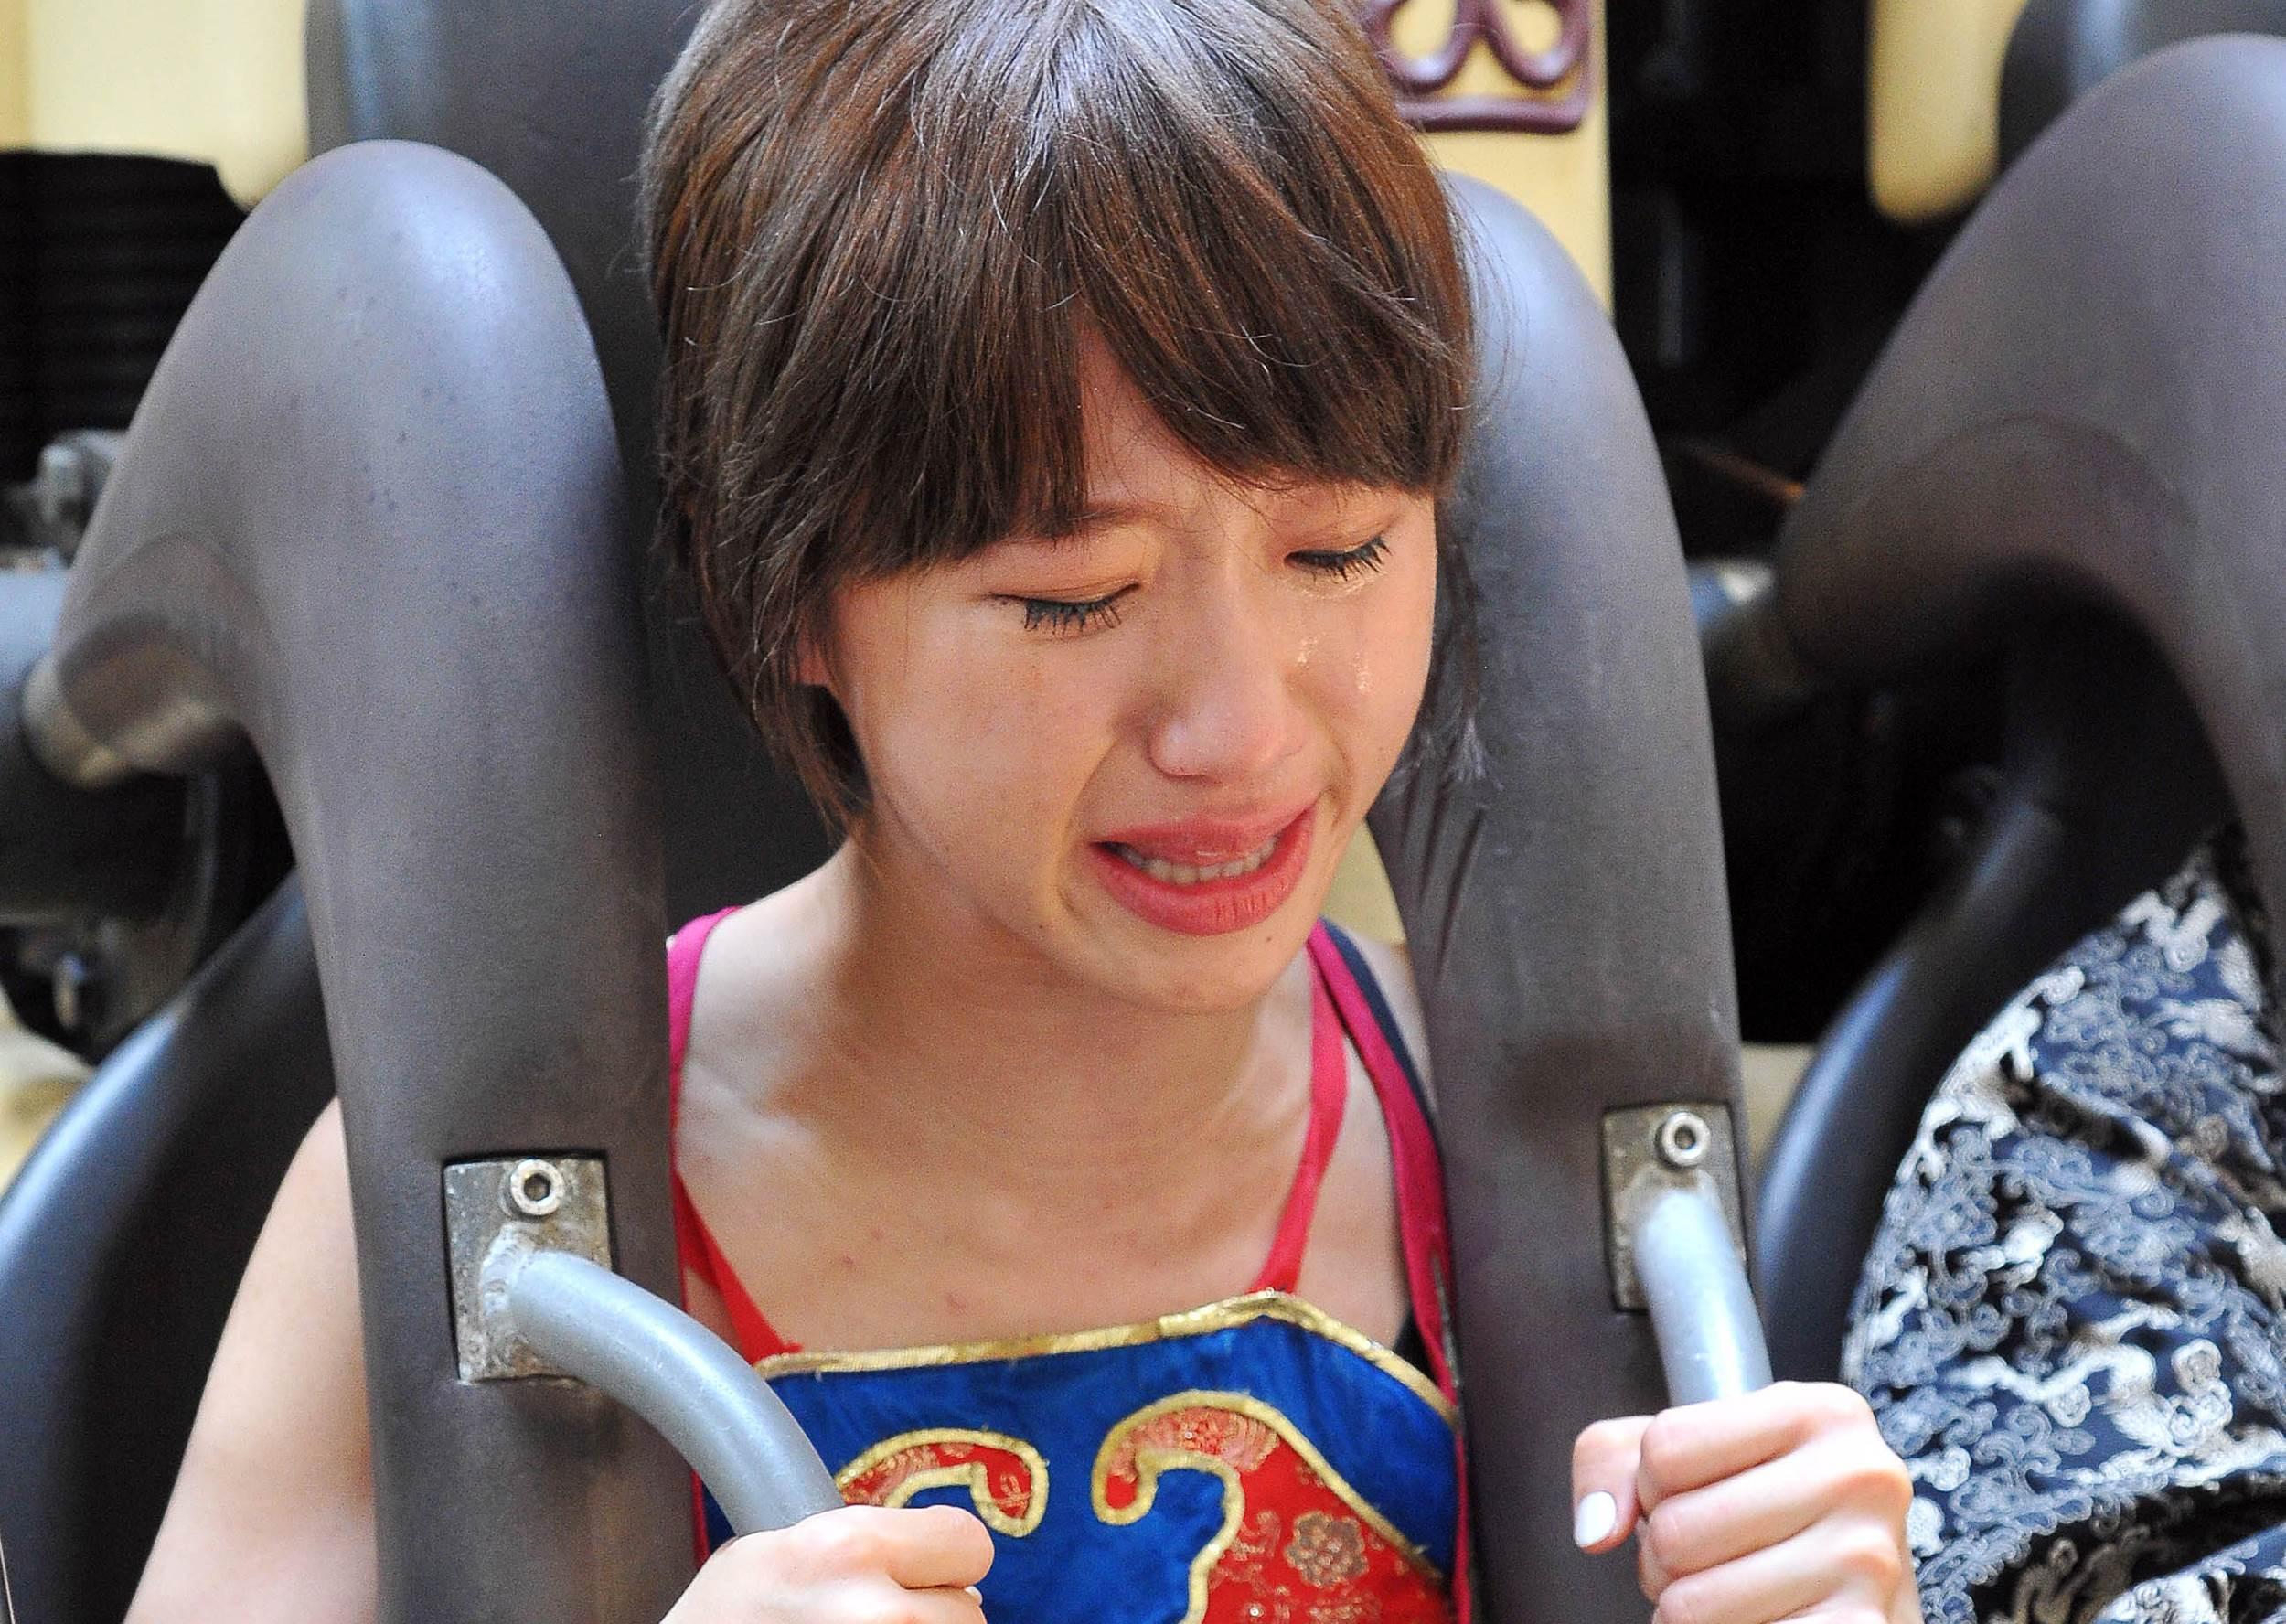 Lulu有心臟病仍敬業挑戰大怒神,發抖爆哭媽媽嚇壞